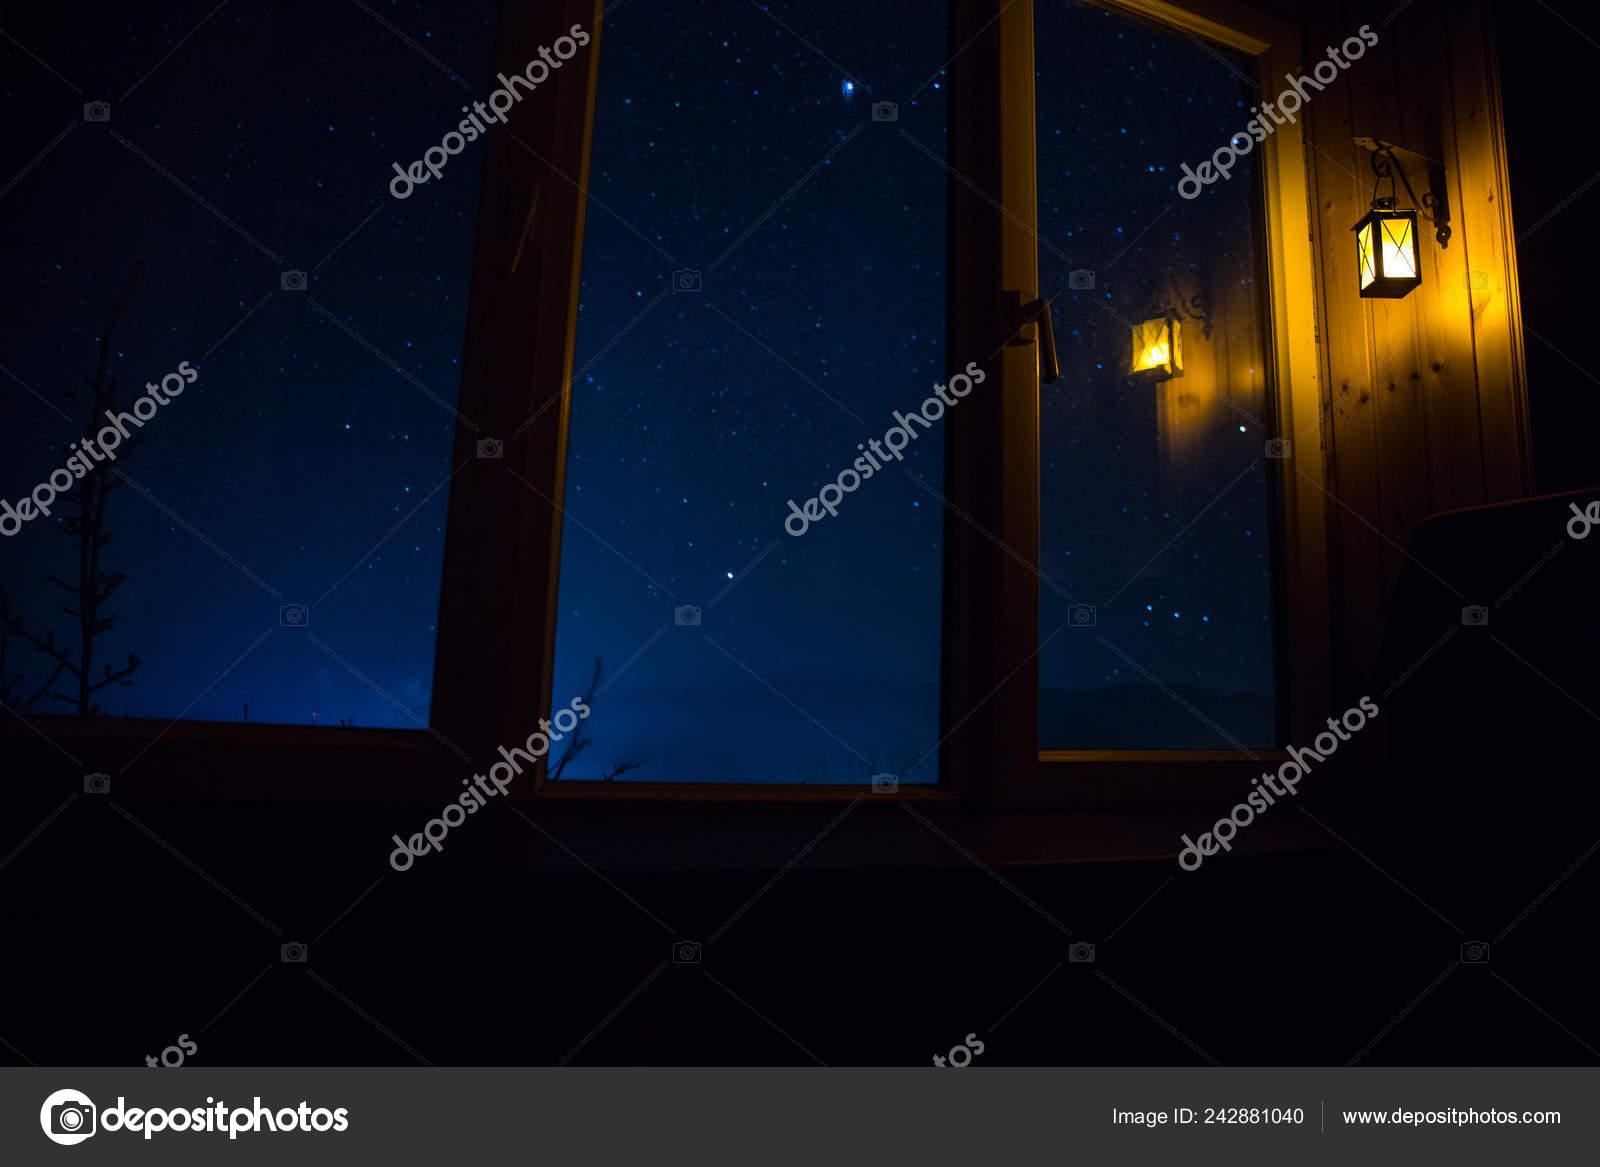 Escena Noche Las Estrellas Través Ventana Del Cuarto Oscuro ...